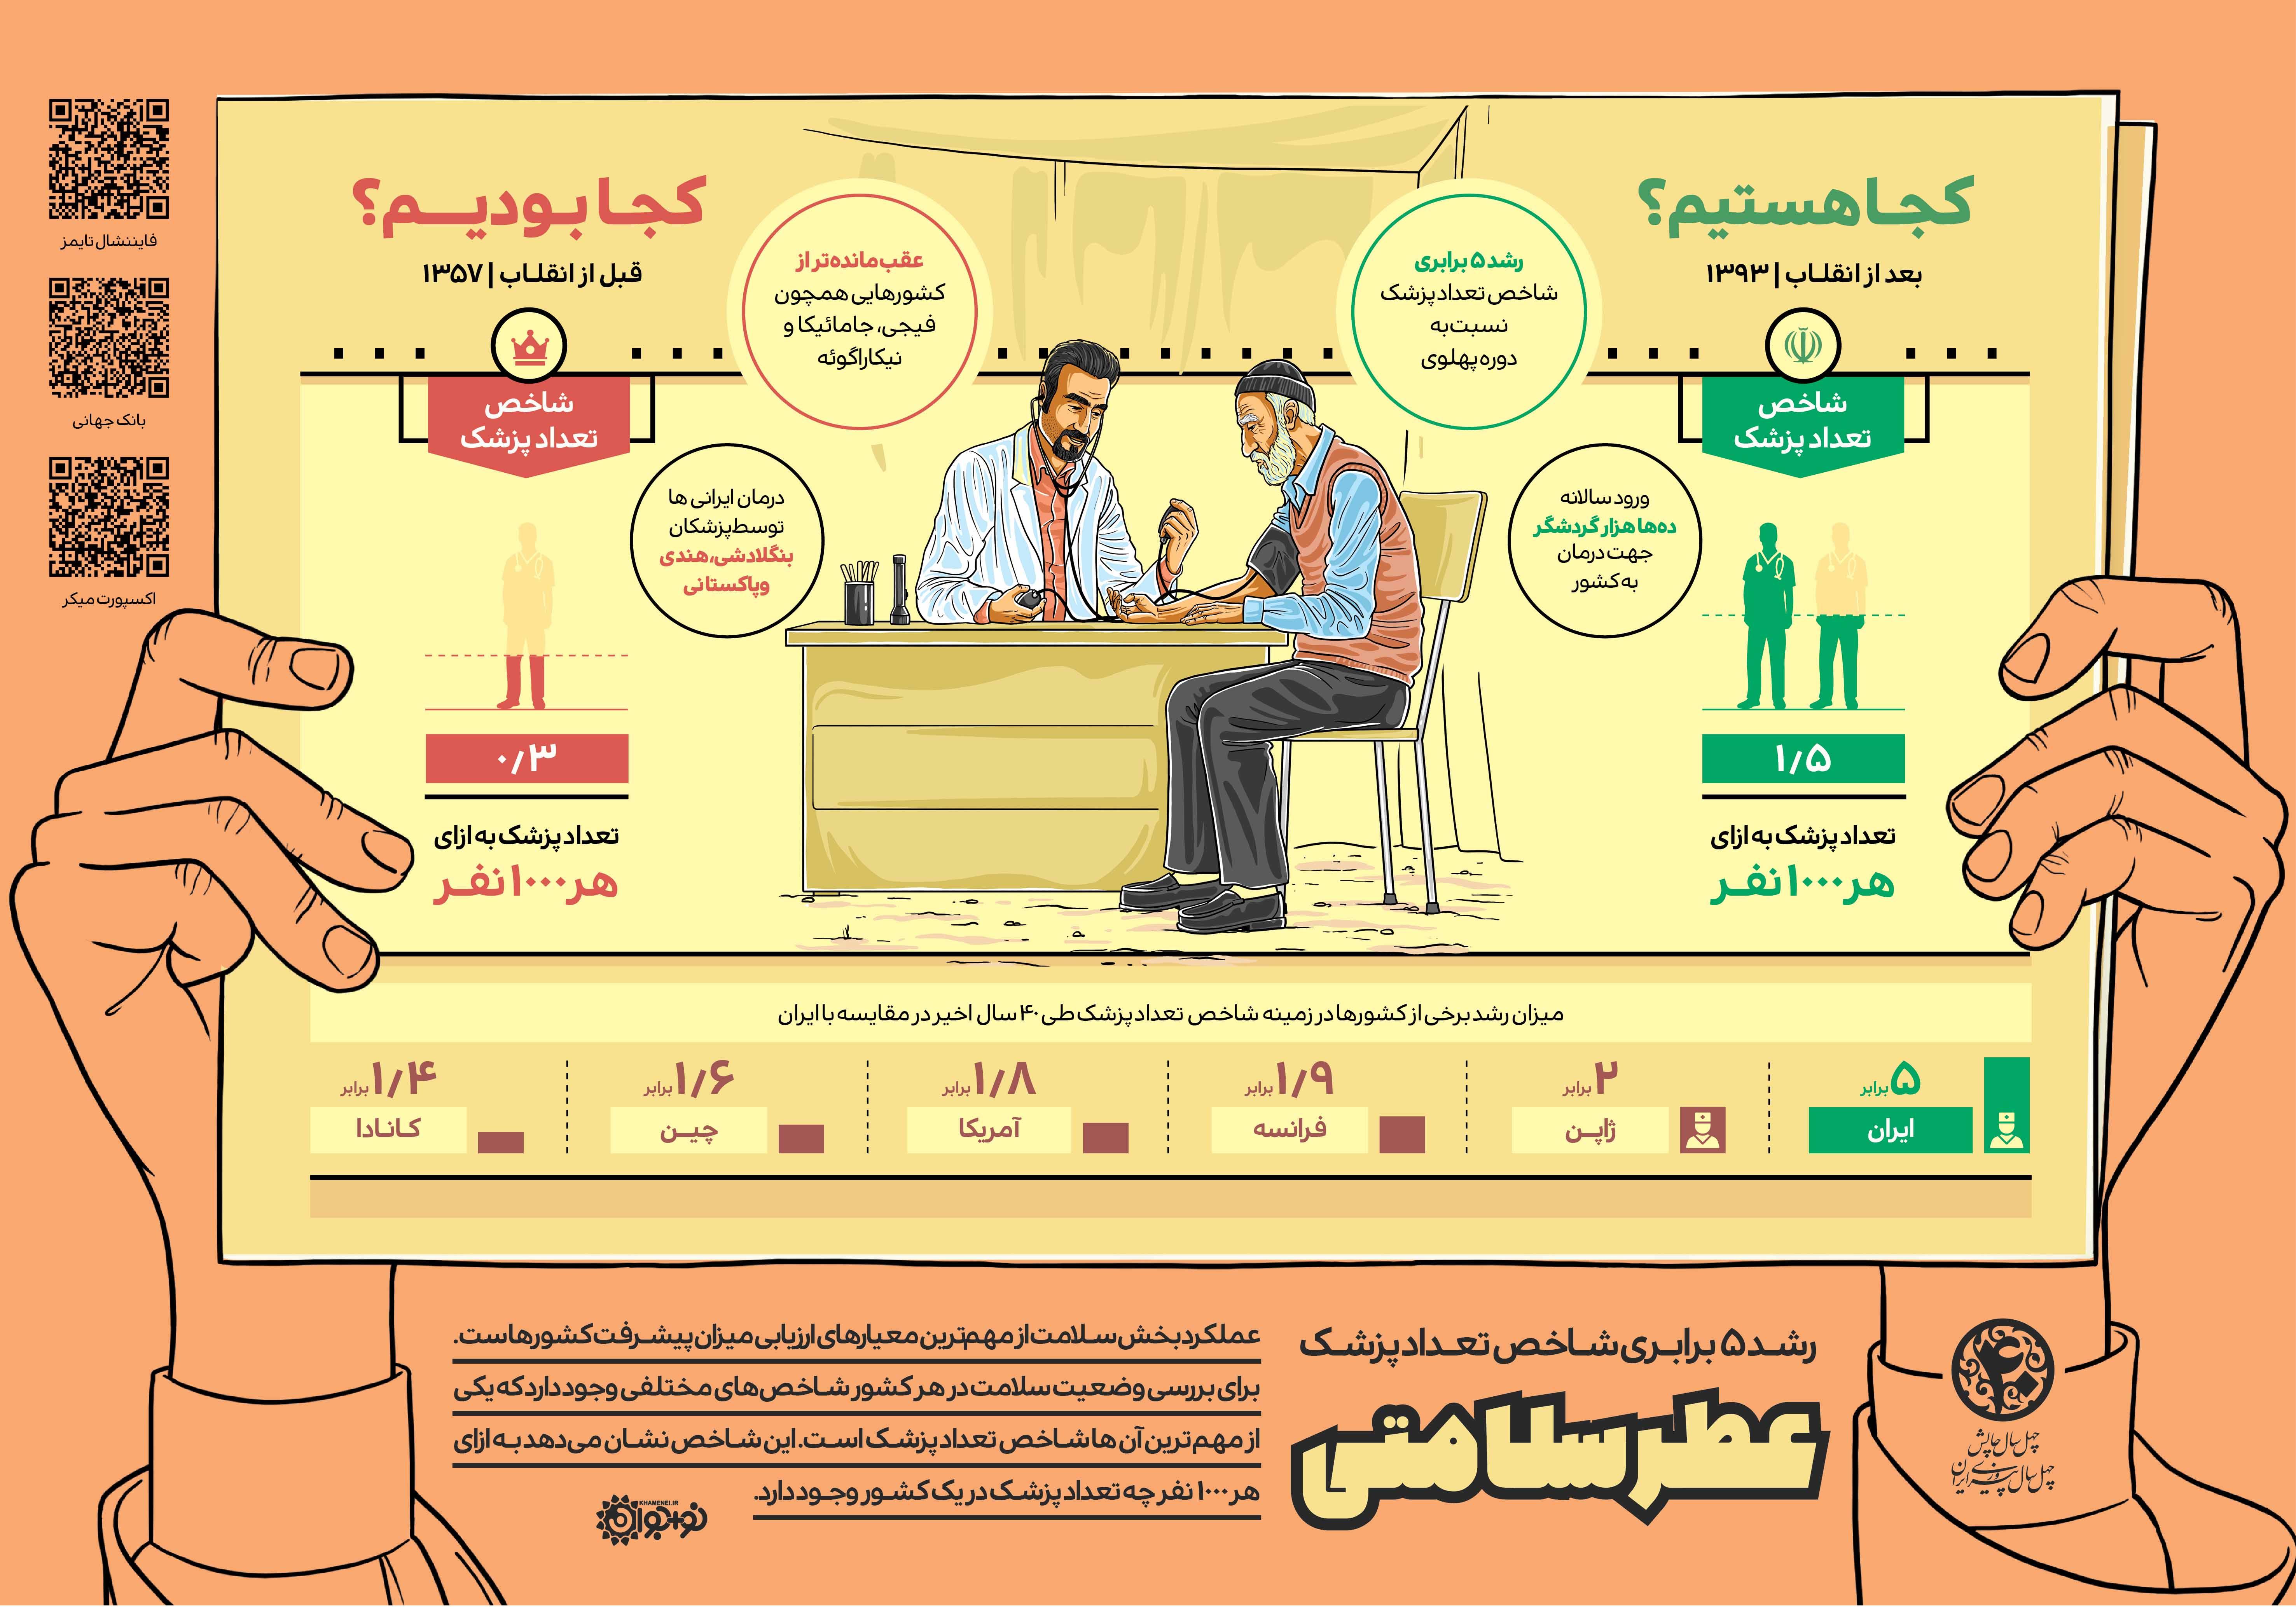 پزشکی جمهوری اسلامی